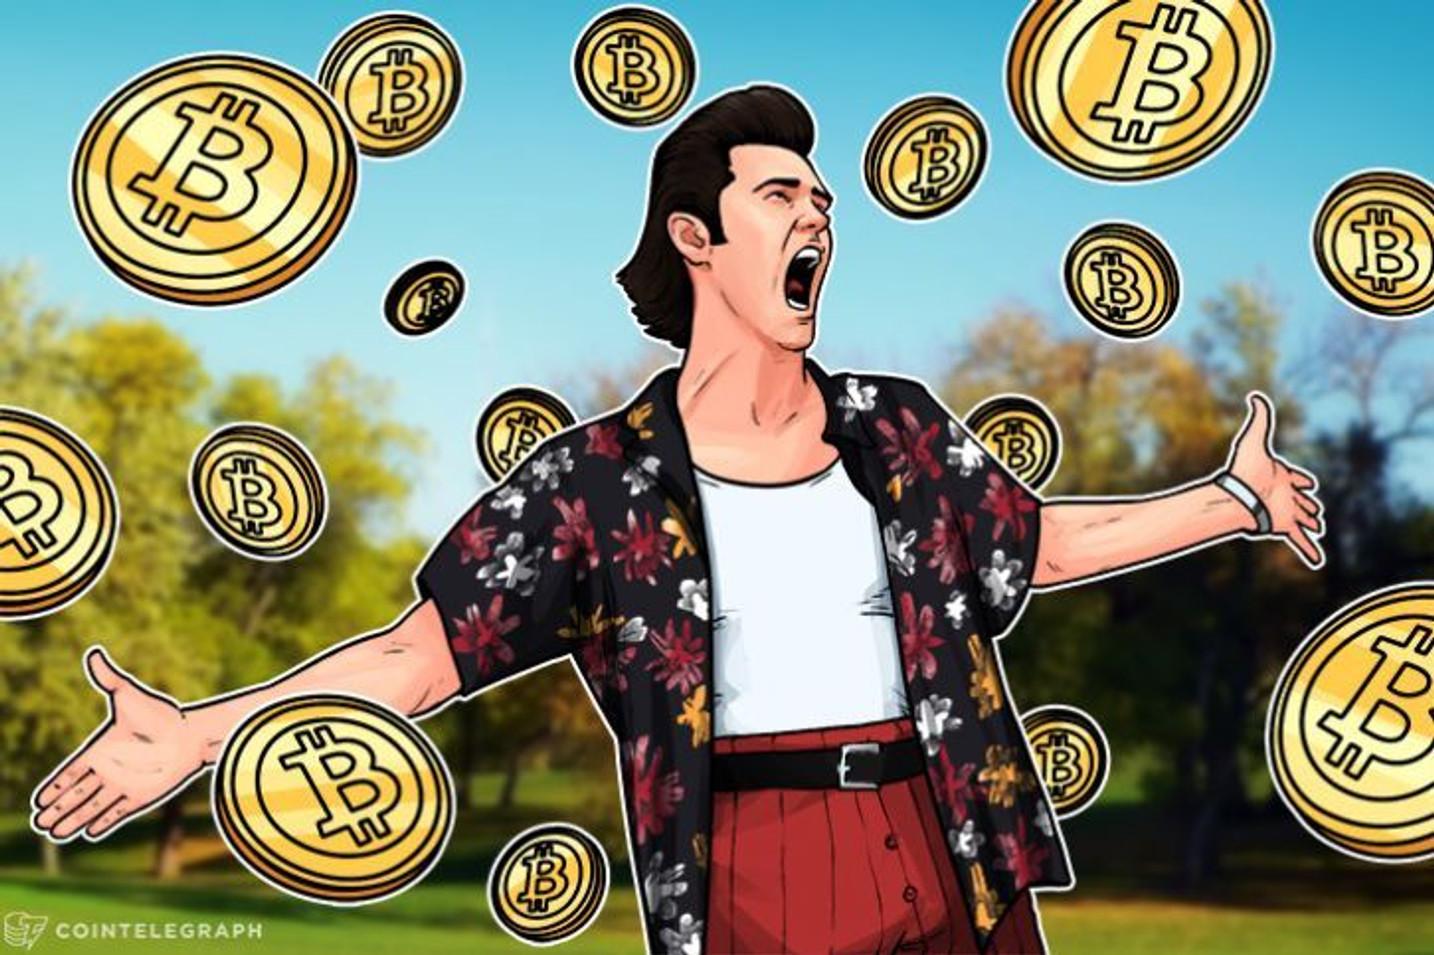 Bil Miler ima 30% sredstava u bitkoinu, vidi usvajanje kao ključ uspeha